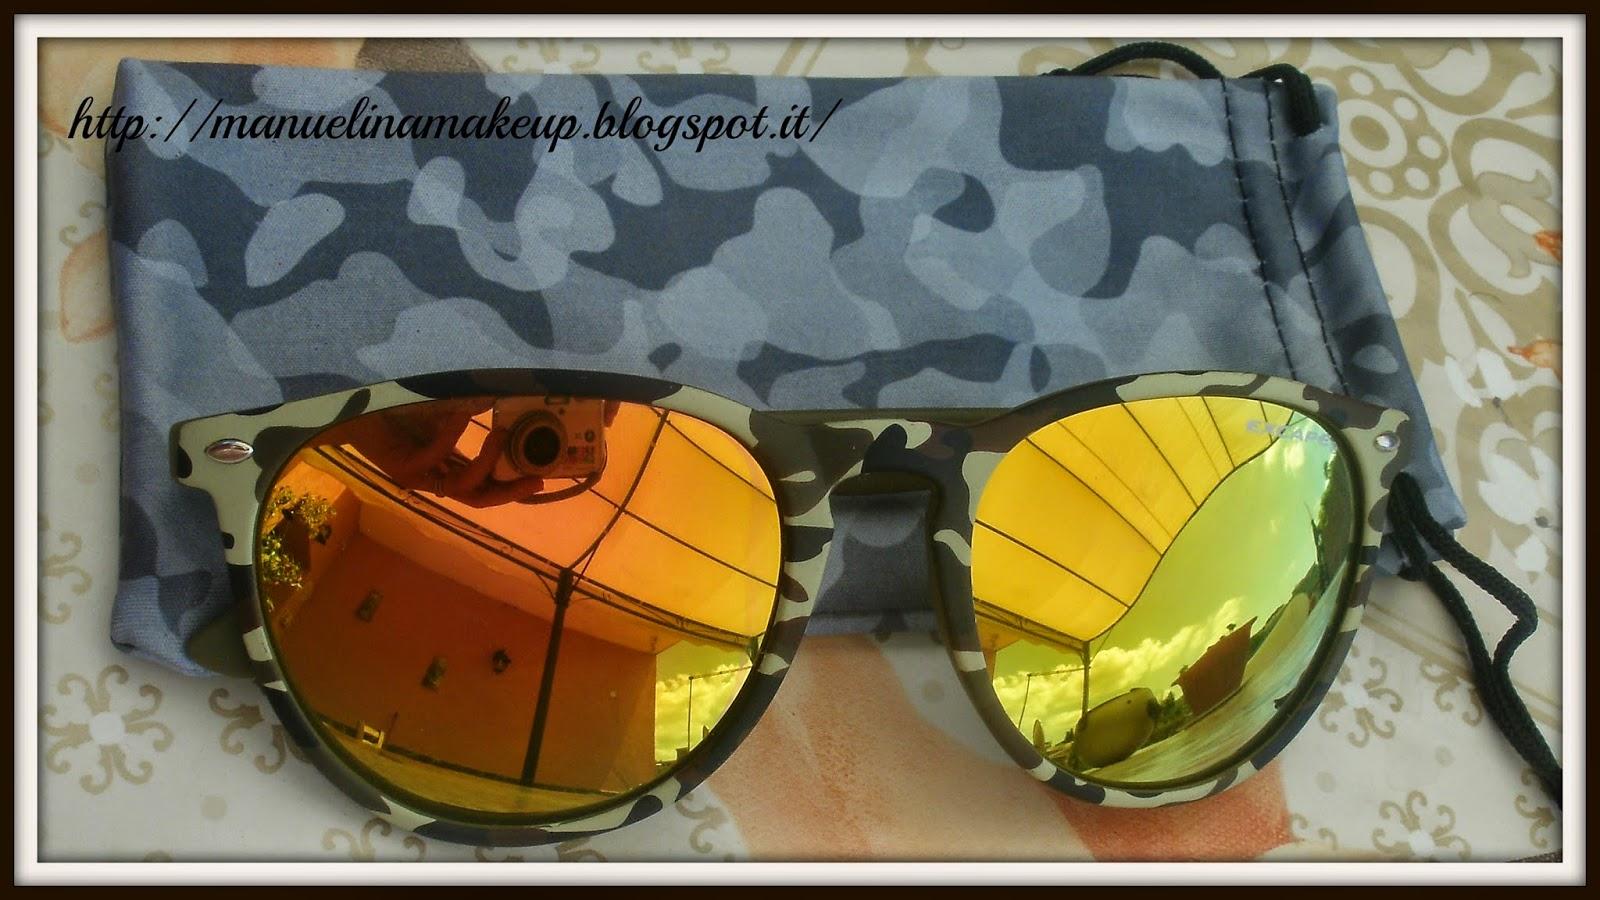 Occhiali da sole con lenti colorate - Occhiali con lenti a specchio colorate ...